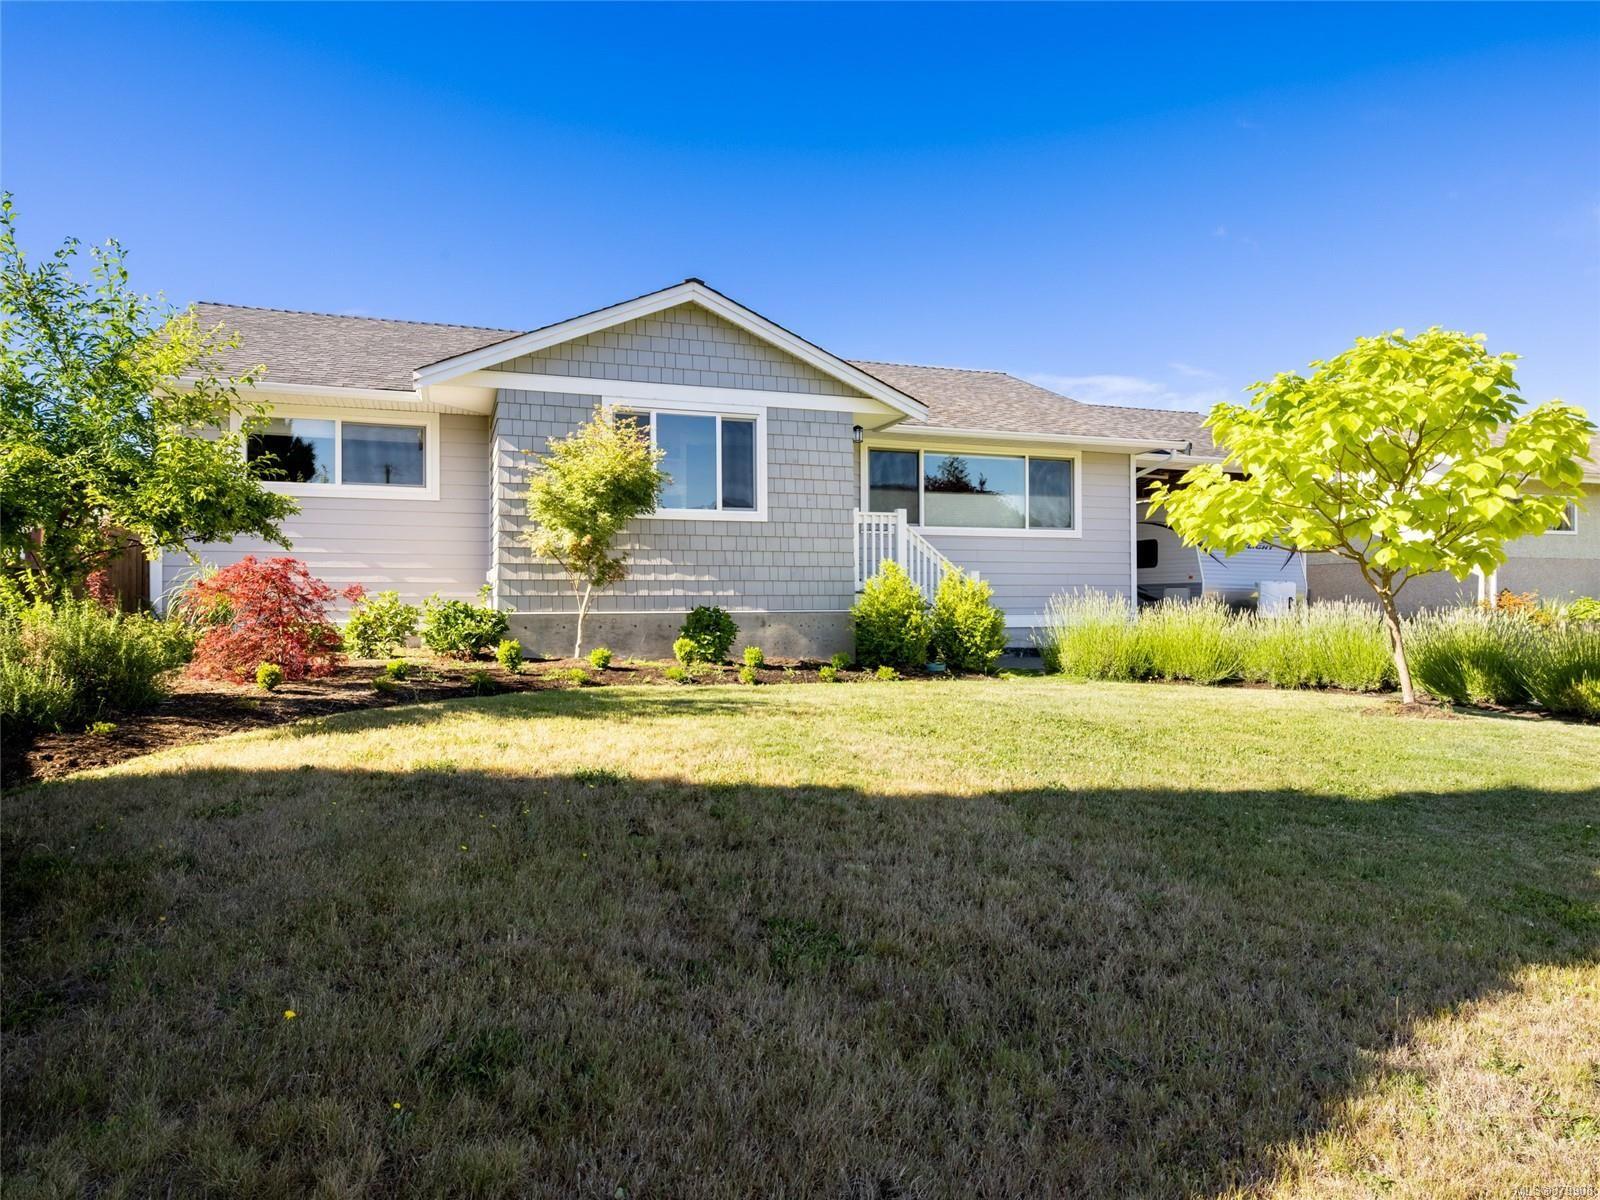 Main Photo: 4126 Glenside Rd in Port Alberni: PA Port Alberni House for sale : MLS®# 879908